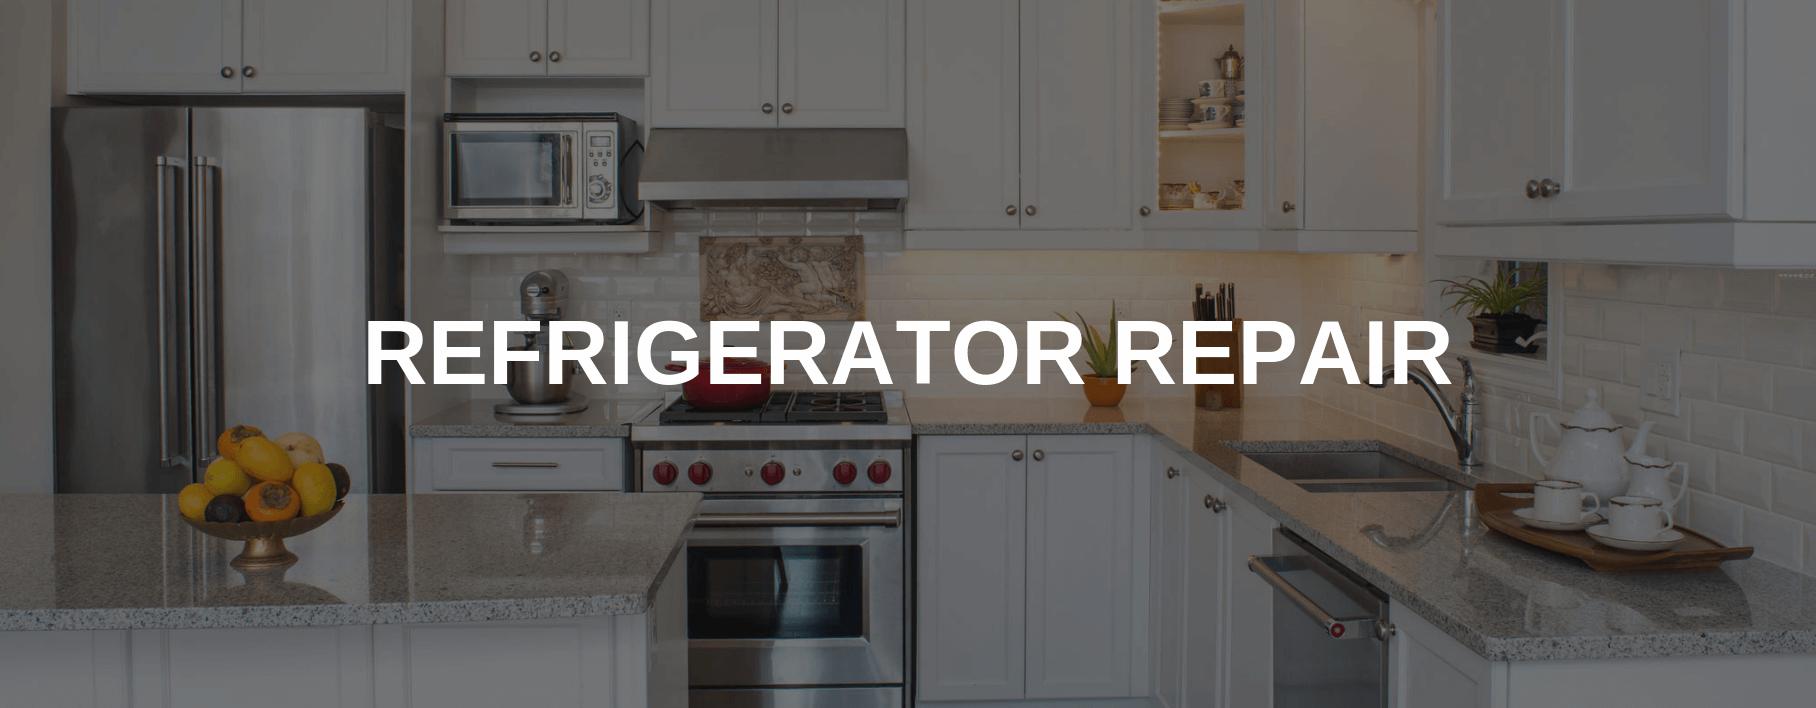 corona refrigerator repair